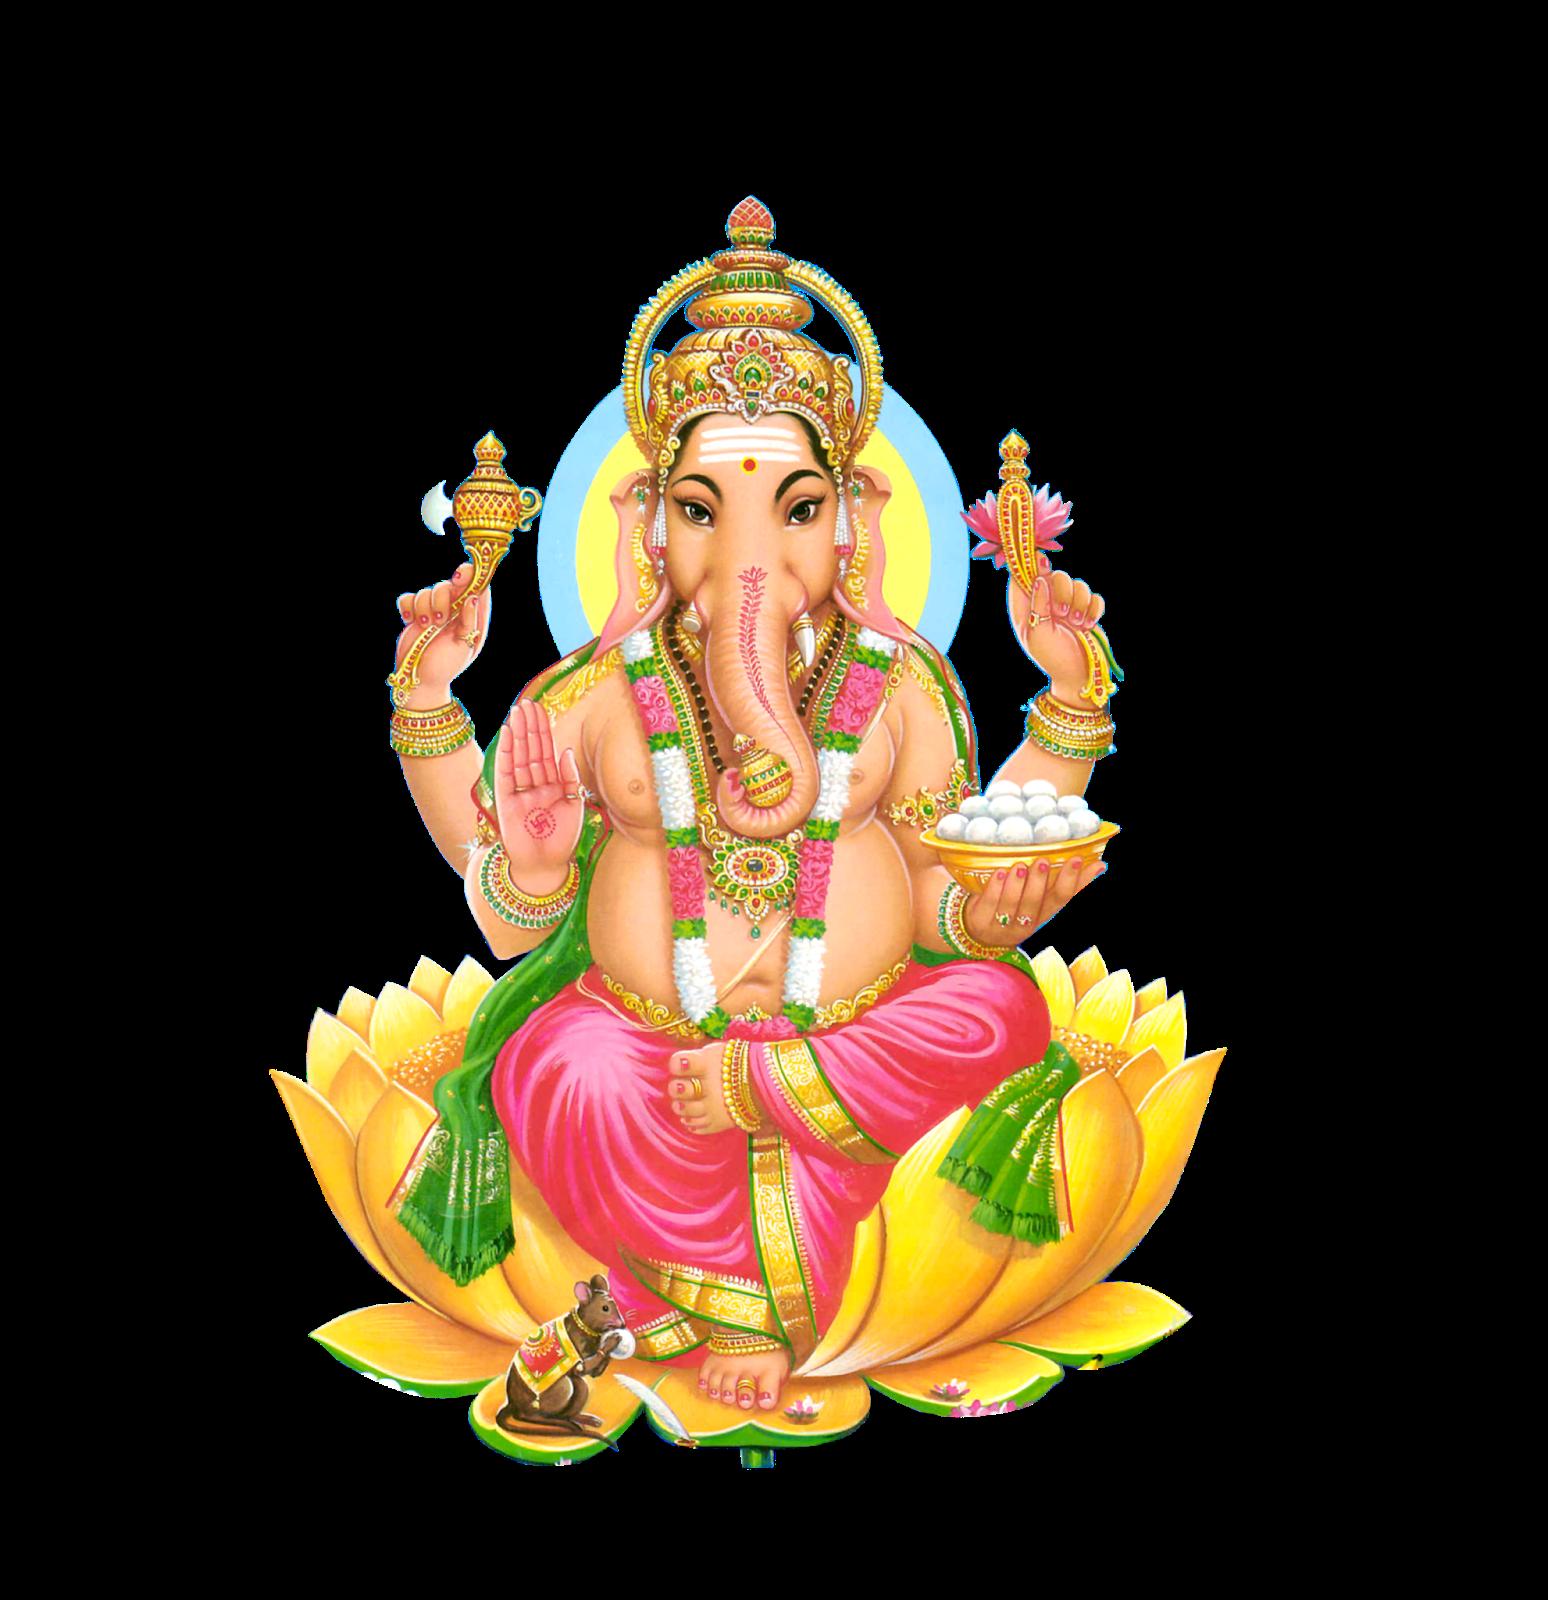 Ganesh Chaturthi PNG Image File.